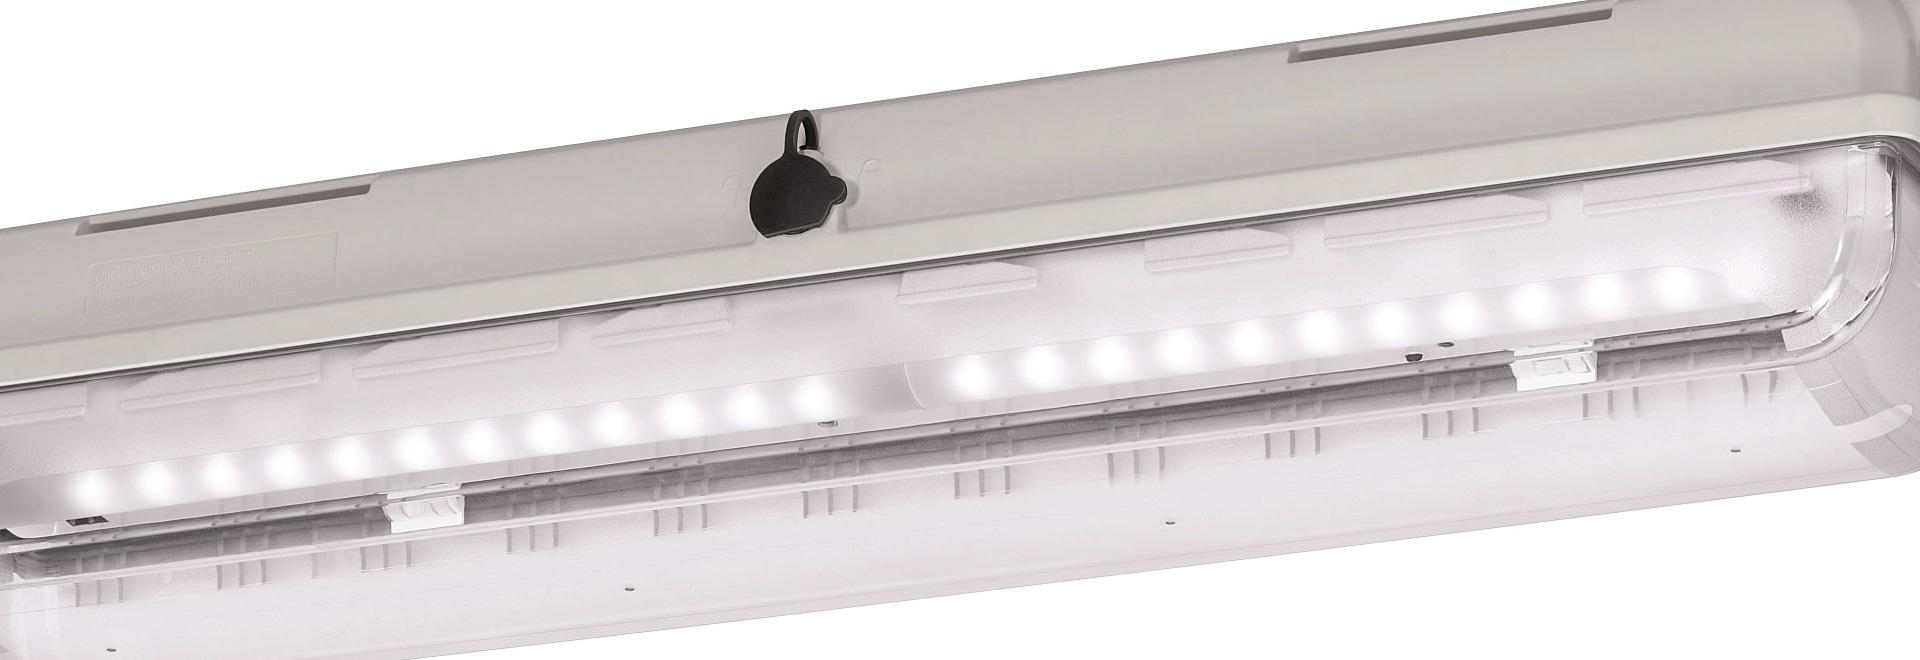 Beste Lichtausbeute, bewährtes Ex-Gehäuse: Leichte, langlebige LED-Leuchten zur Allgemeinbeleuchtung